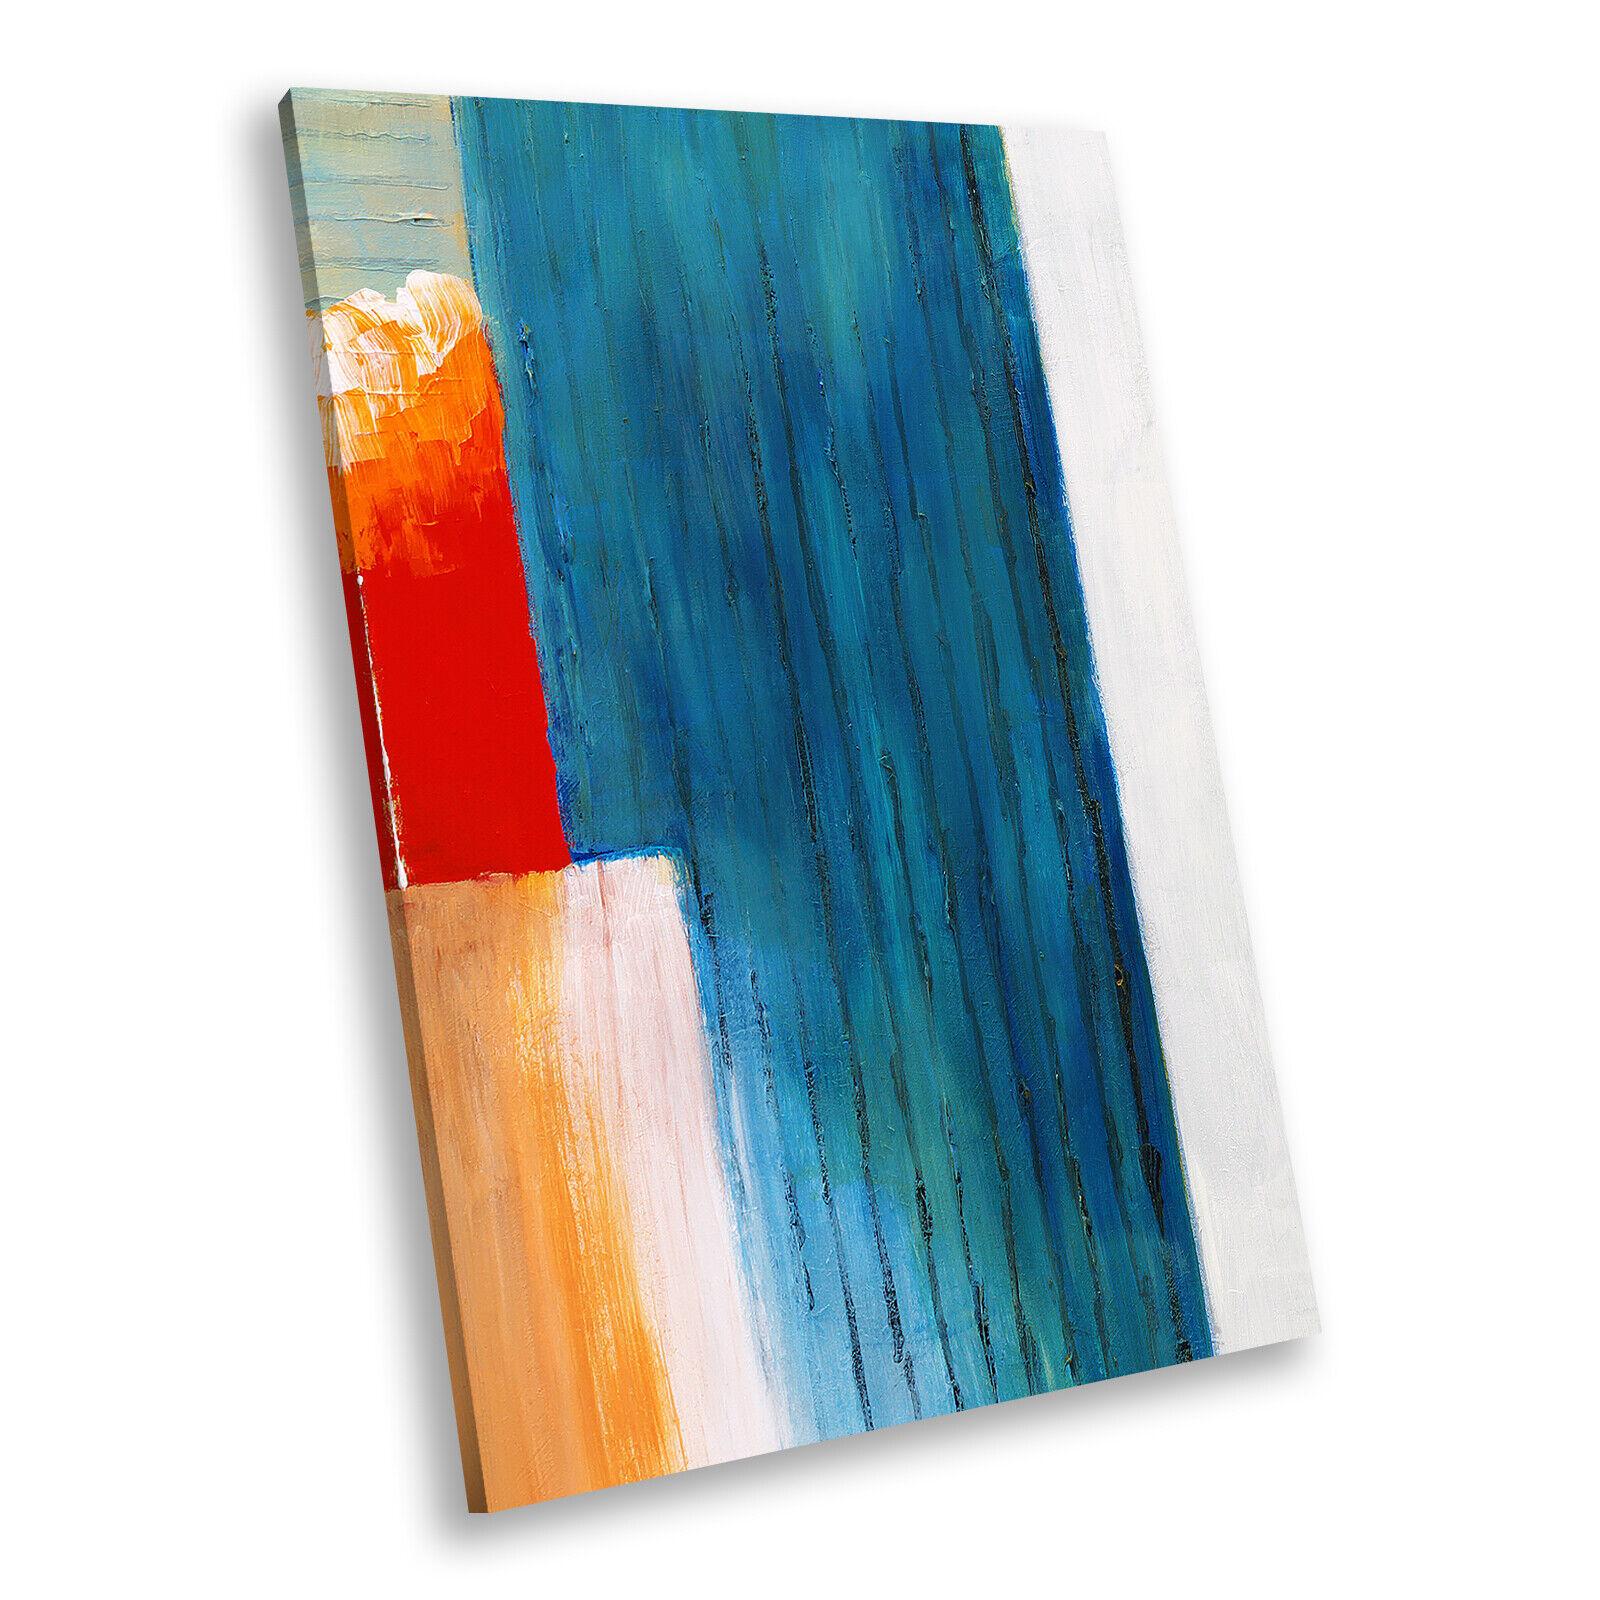 Blau Orange Grün Portrait Abstract Canvas Framed Art Large Picture